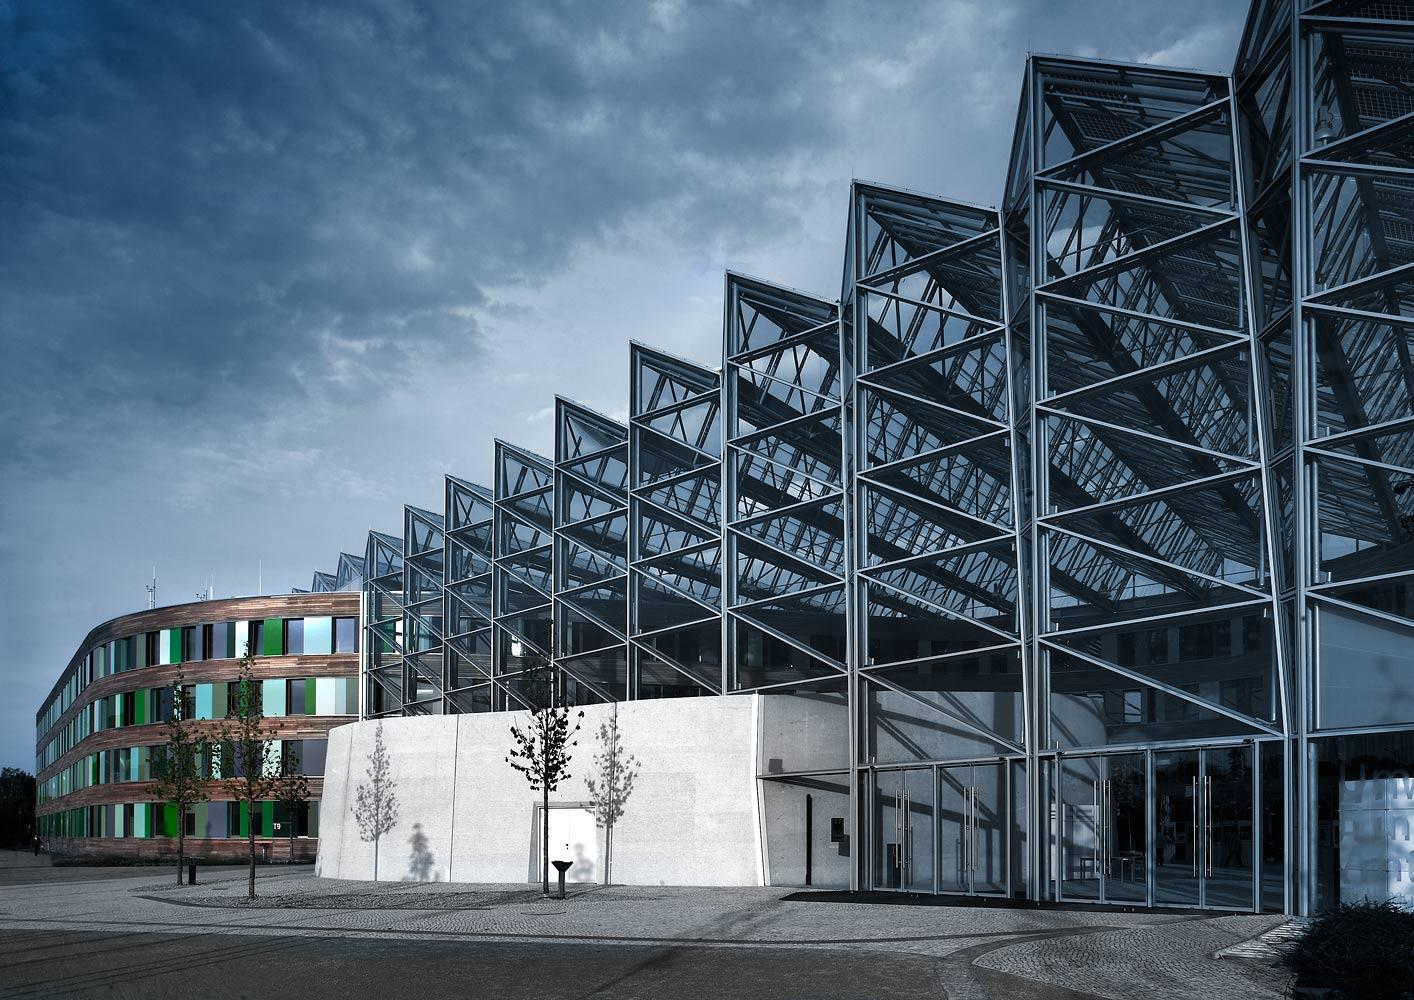 Architekturfotografie-Mirko Hertel Fotografie 11